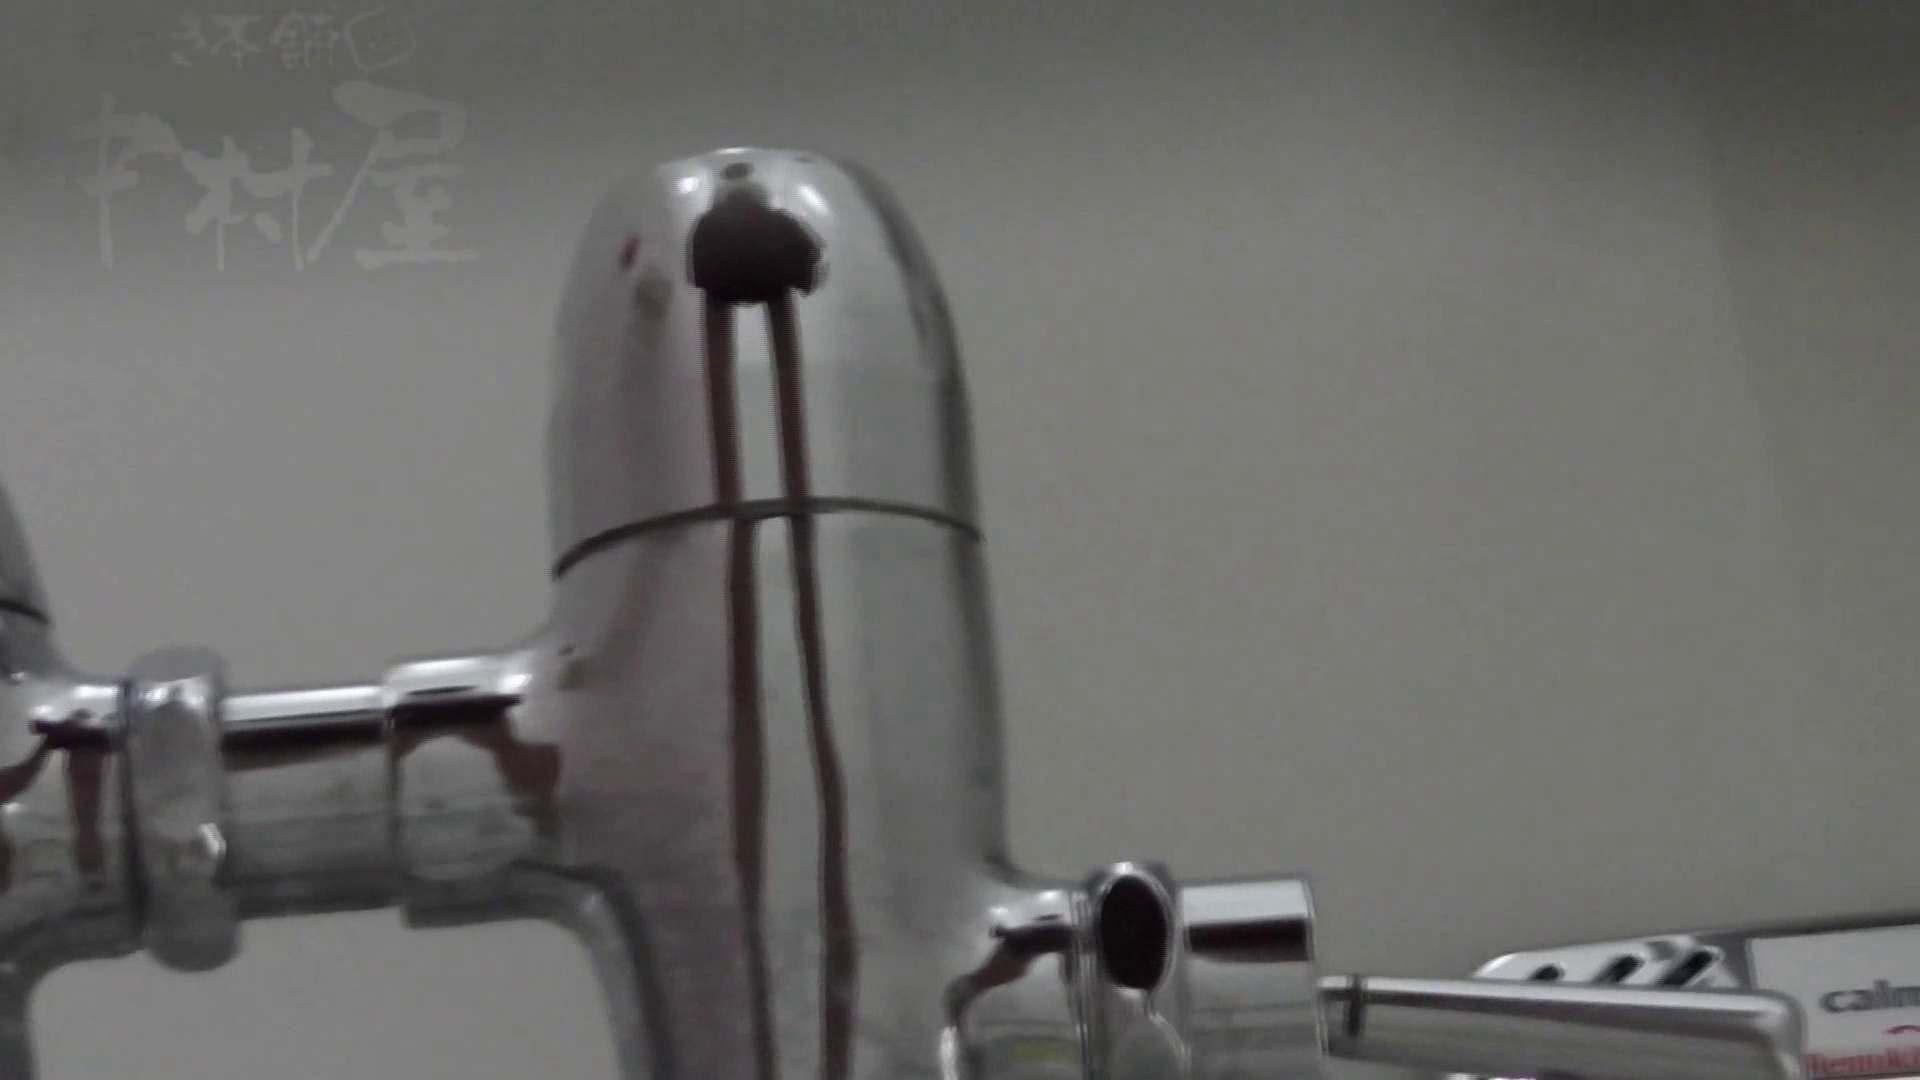 美しい日本の未来 No.29 豹柄サンダルはイ更●気味??? マンコ・ムレムレ スケベ動画紹介 70pic 57